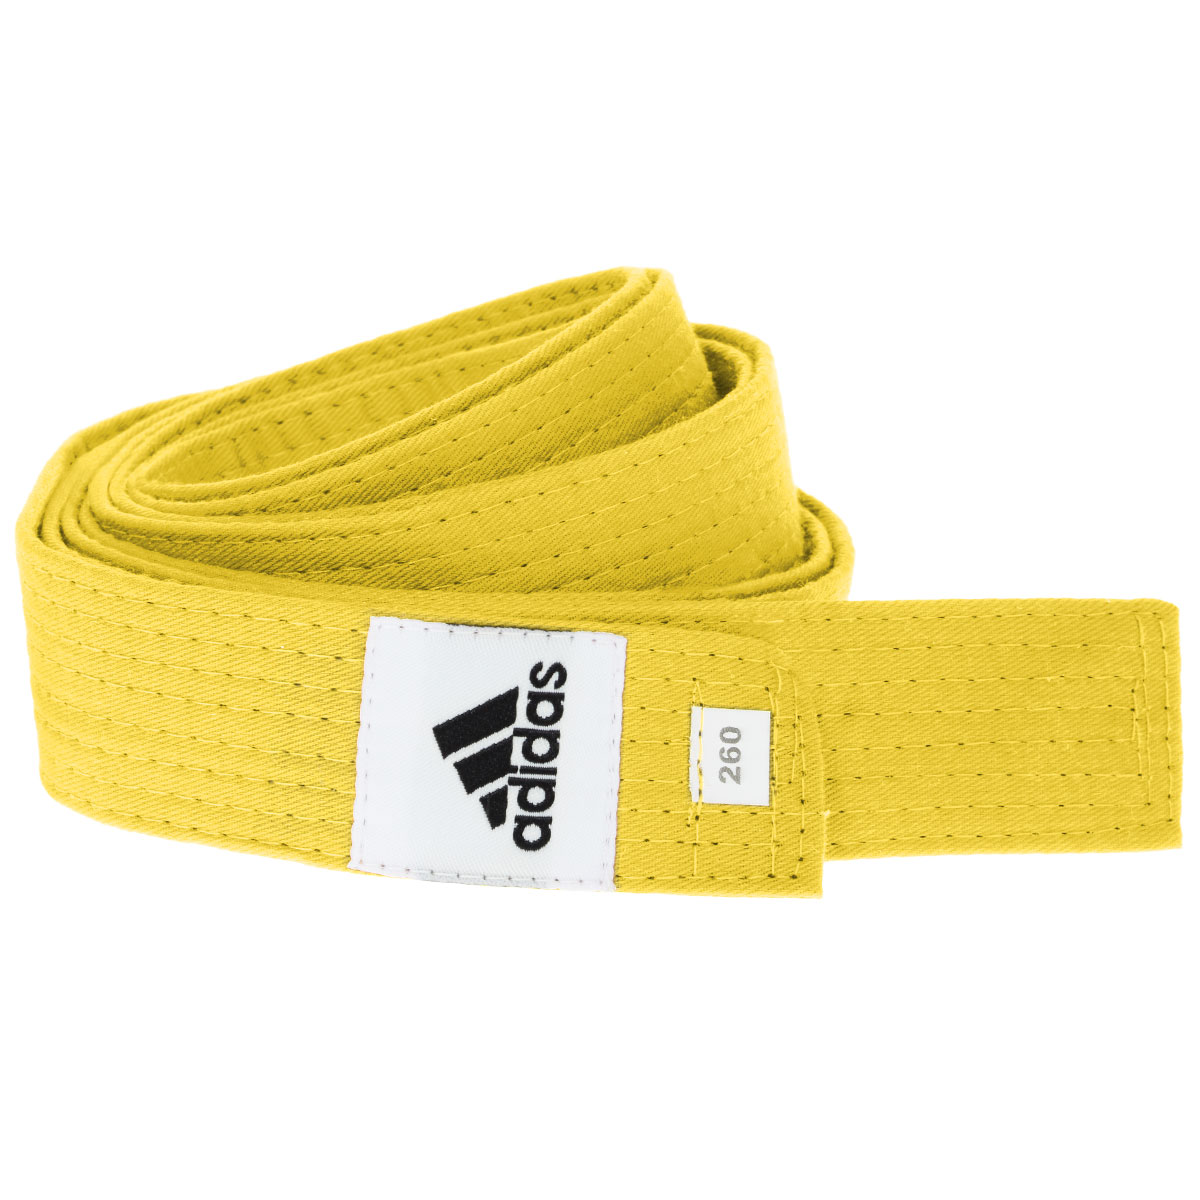 Пояс для единоборств adidas Club, цвет: желтый. adiB220. Длина 300 смadiB220Пояс для единоборств adidas Club - универсальный пояс для кимоно. Пояс выполнен из плотного хлопкового материала с прострочкой.Такой пояс - необходимый аксессуар для тех, кто занимается боевыми искусствами.